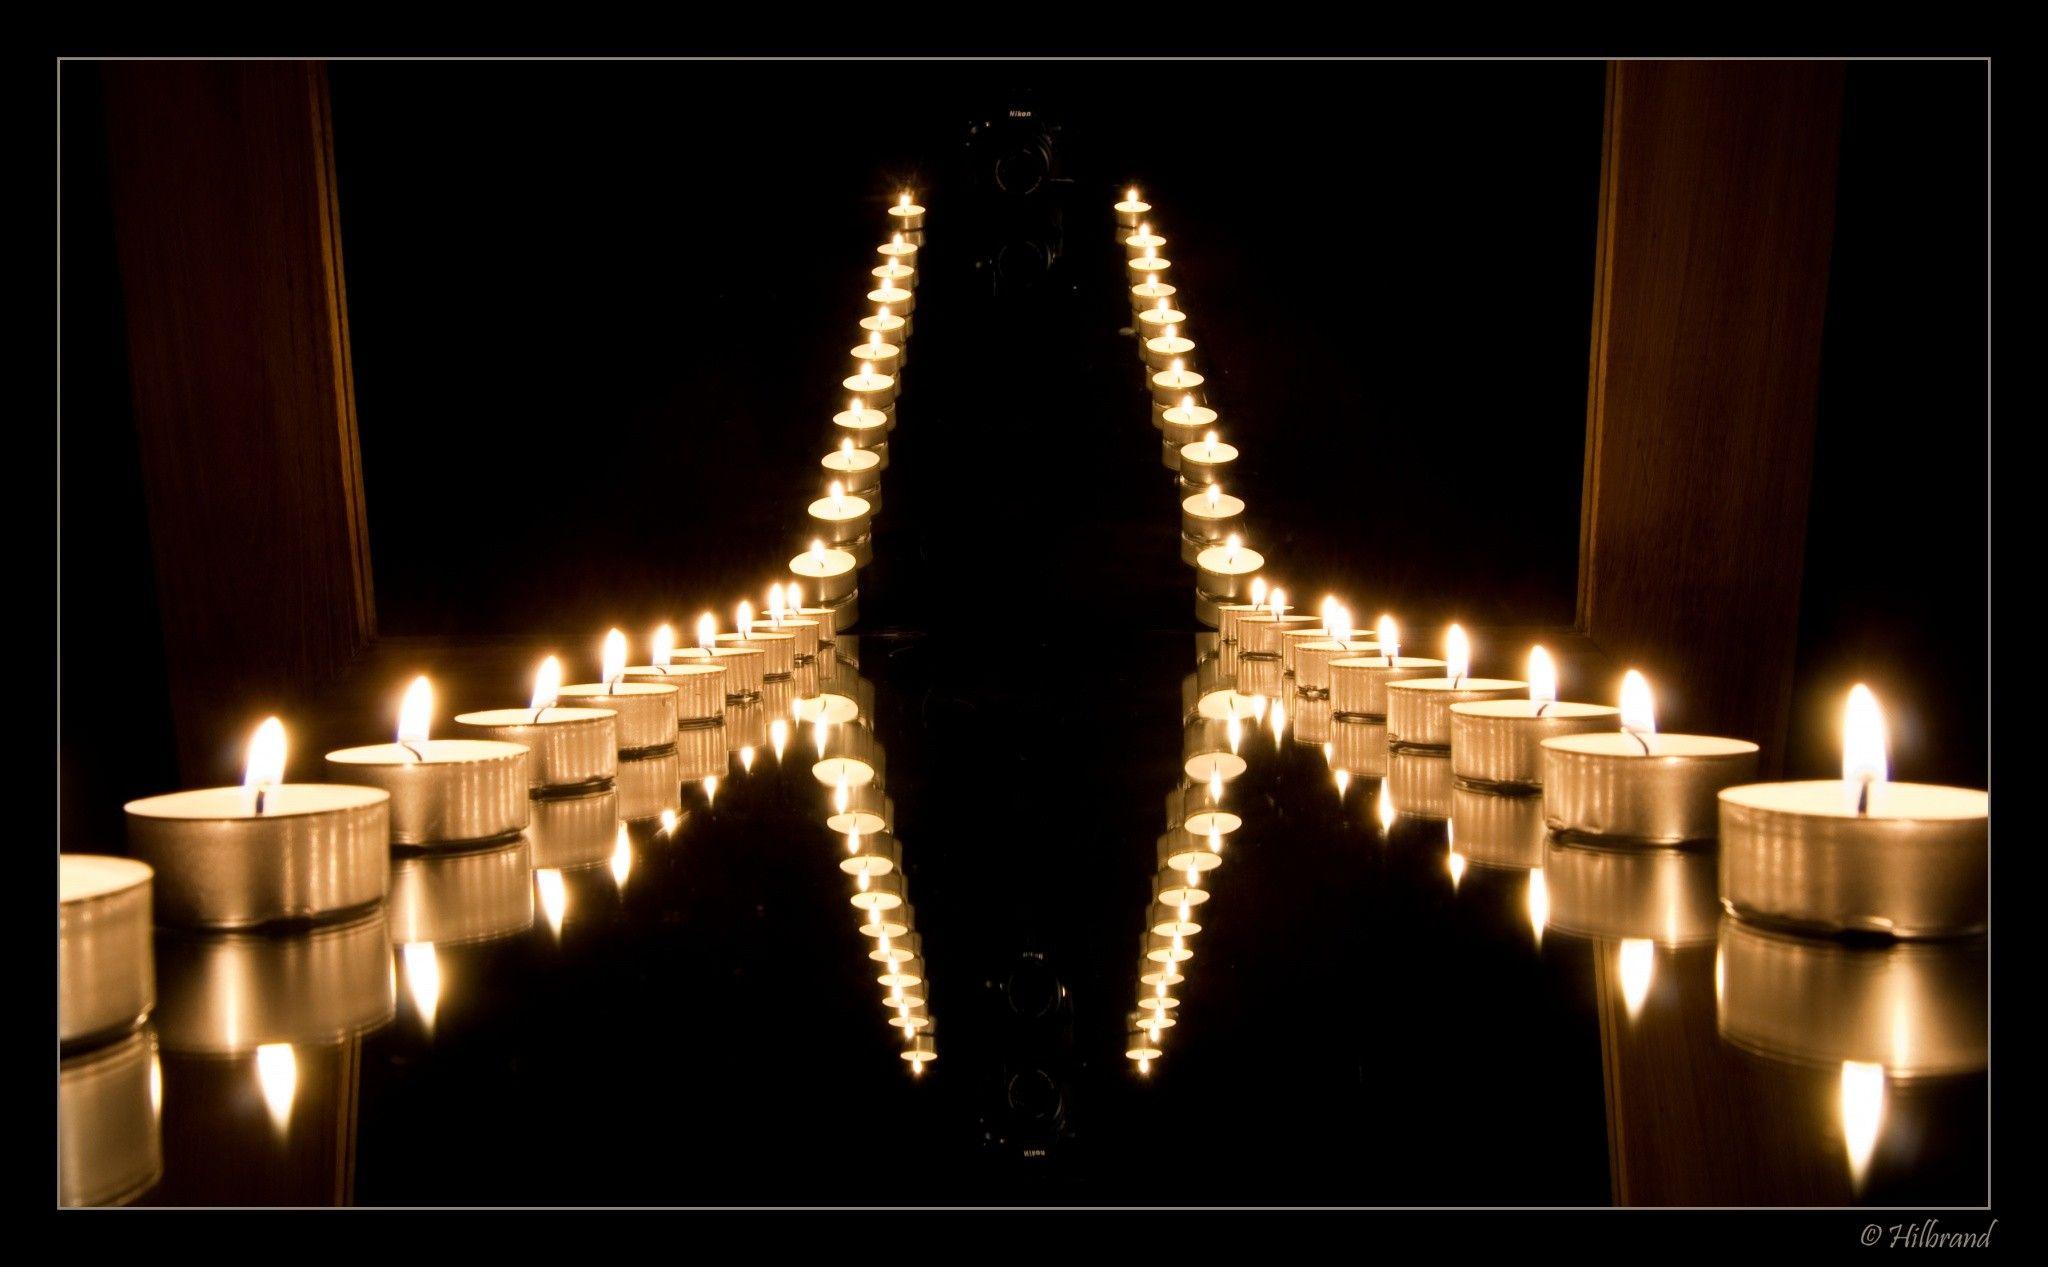 om mijn kamer gezellig te maken gebruik ik kaarsen